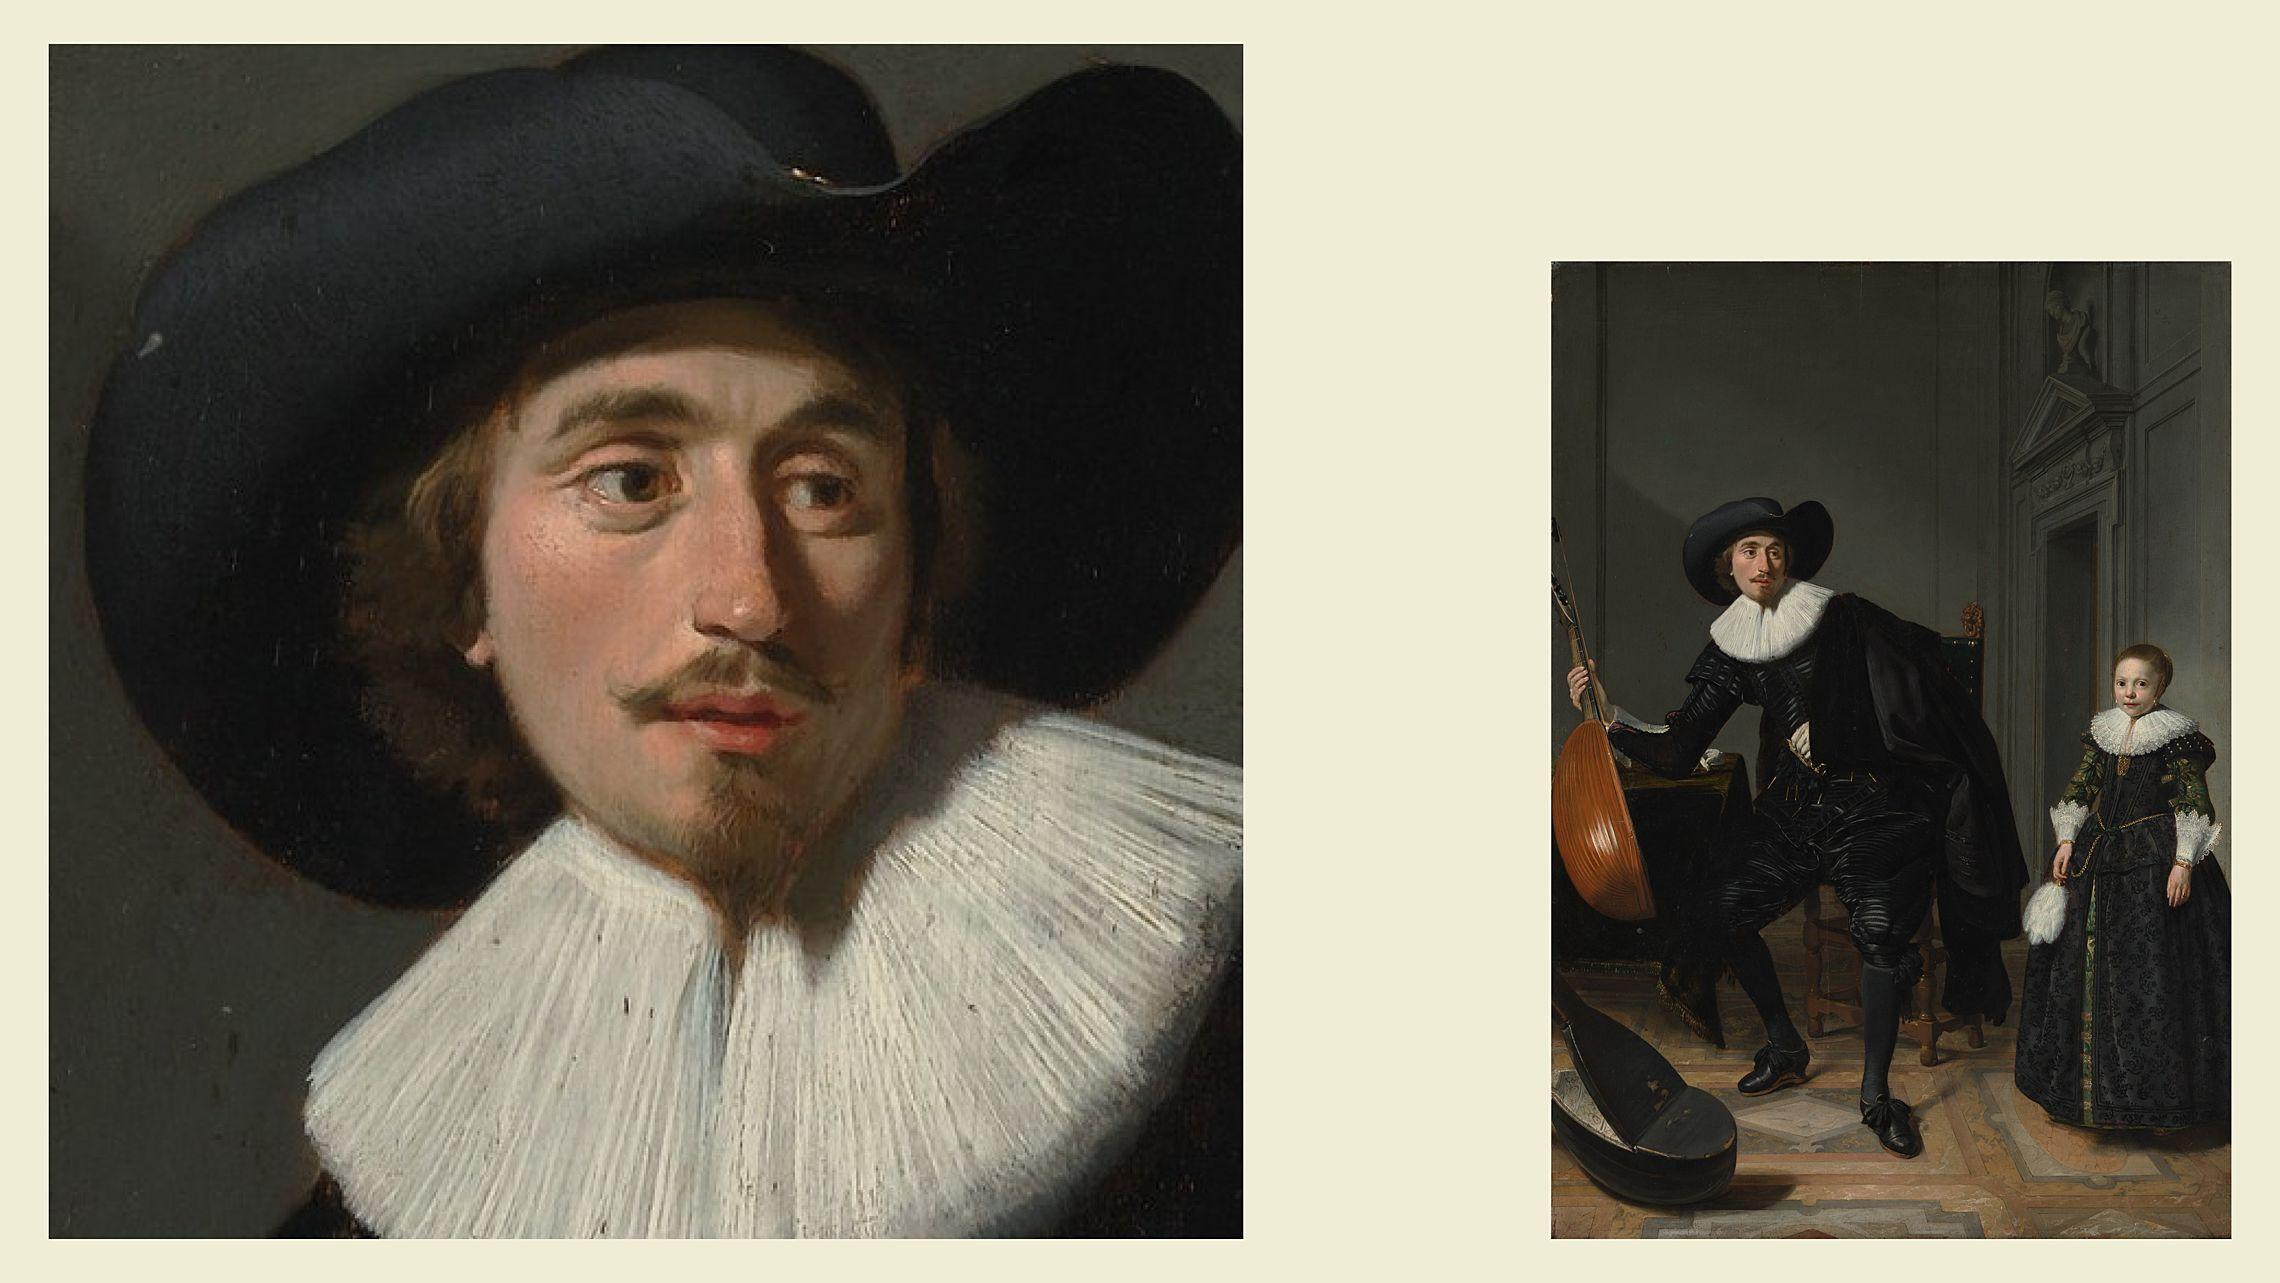 Томас де Кейзер. «Музыкант и его дочь», 1629. Из коллекции Метрополитен-музея